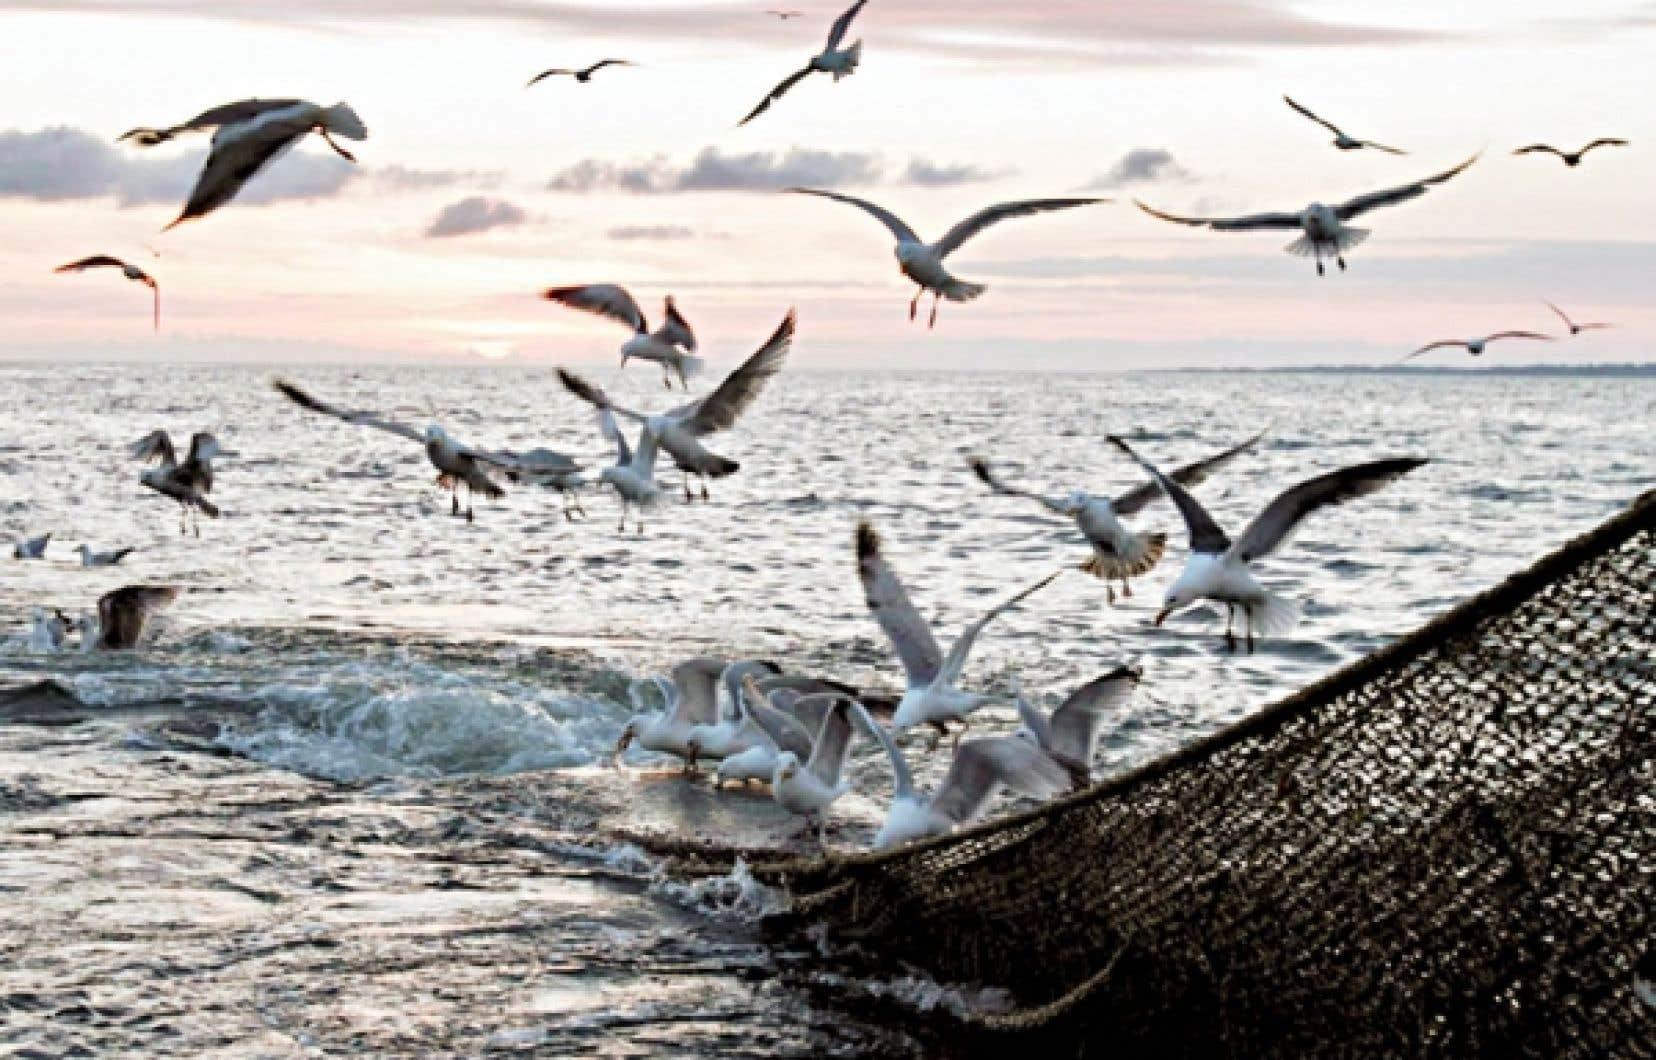 <div> Des goélands bataillent au-dessus du filet d'un chalutier pêchant dans l'Atlantique. Après la surpêche, la pollution serait le deuxième facteur de «mise en danger» des ressources halieutiques.</div>